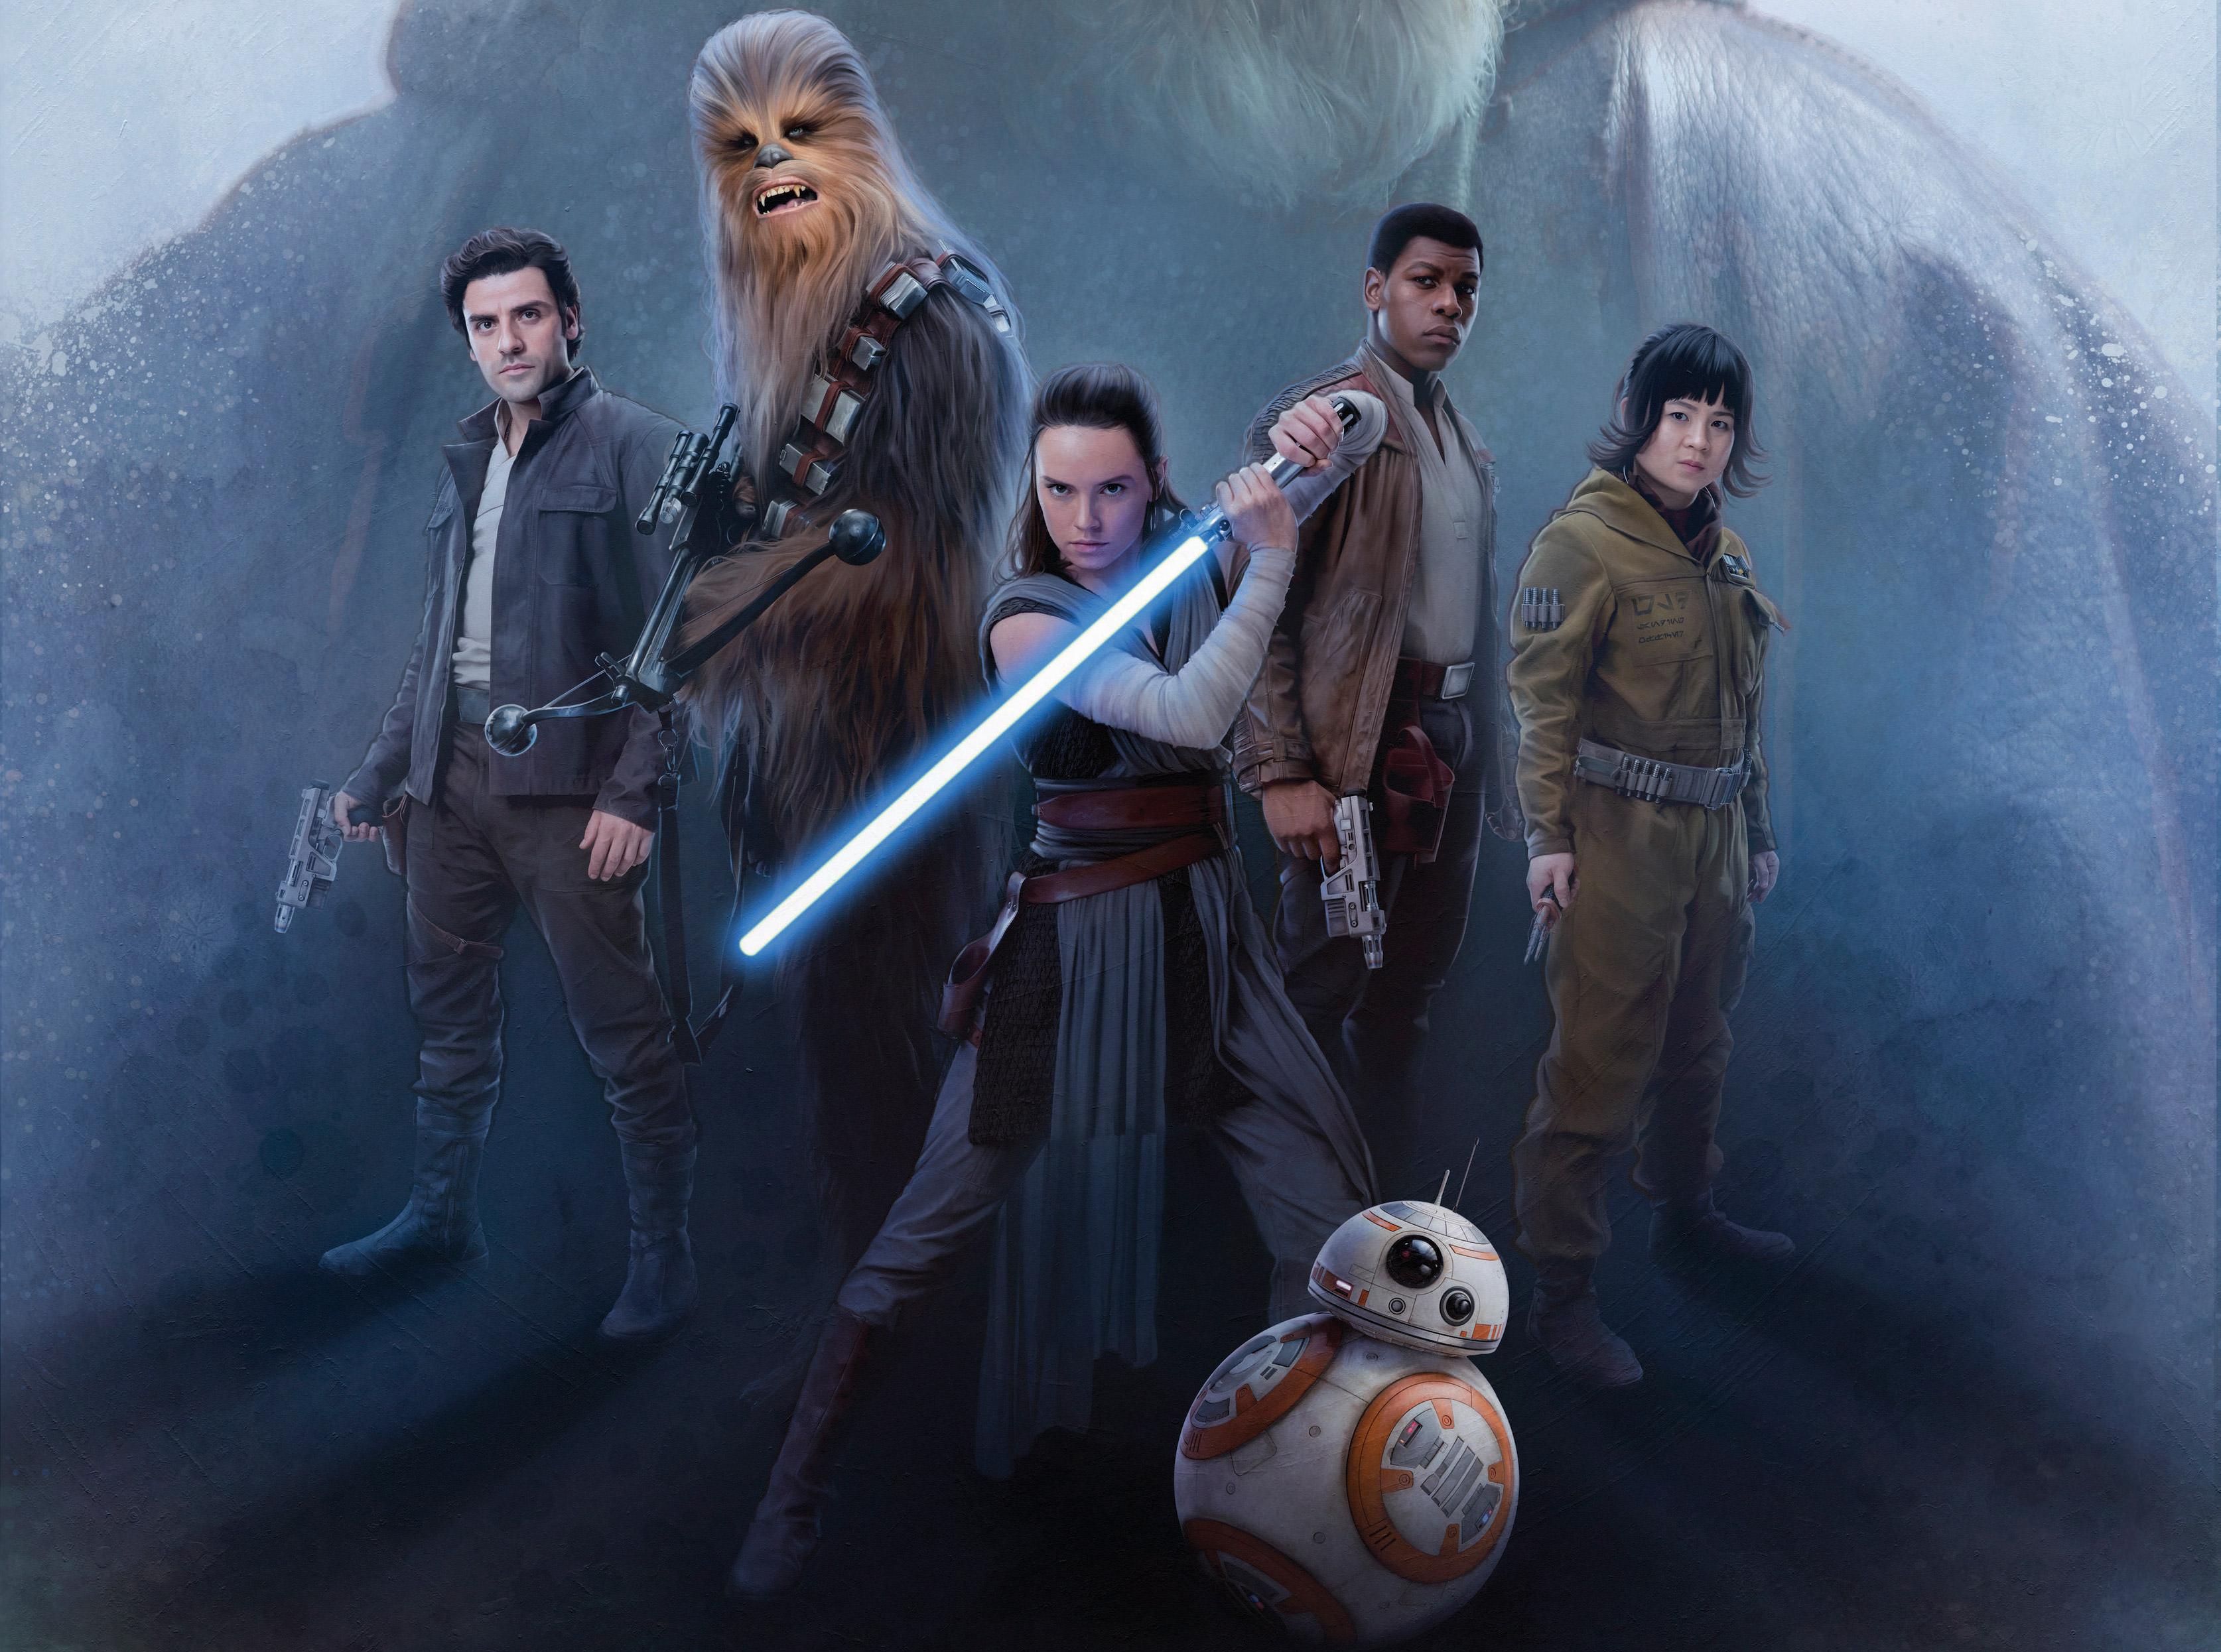 Star Wars The Last Jedi Hd 3348x2491 Wallpaper Teahub Io